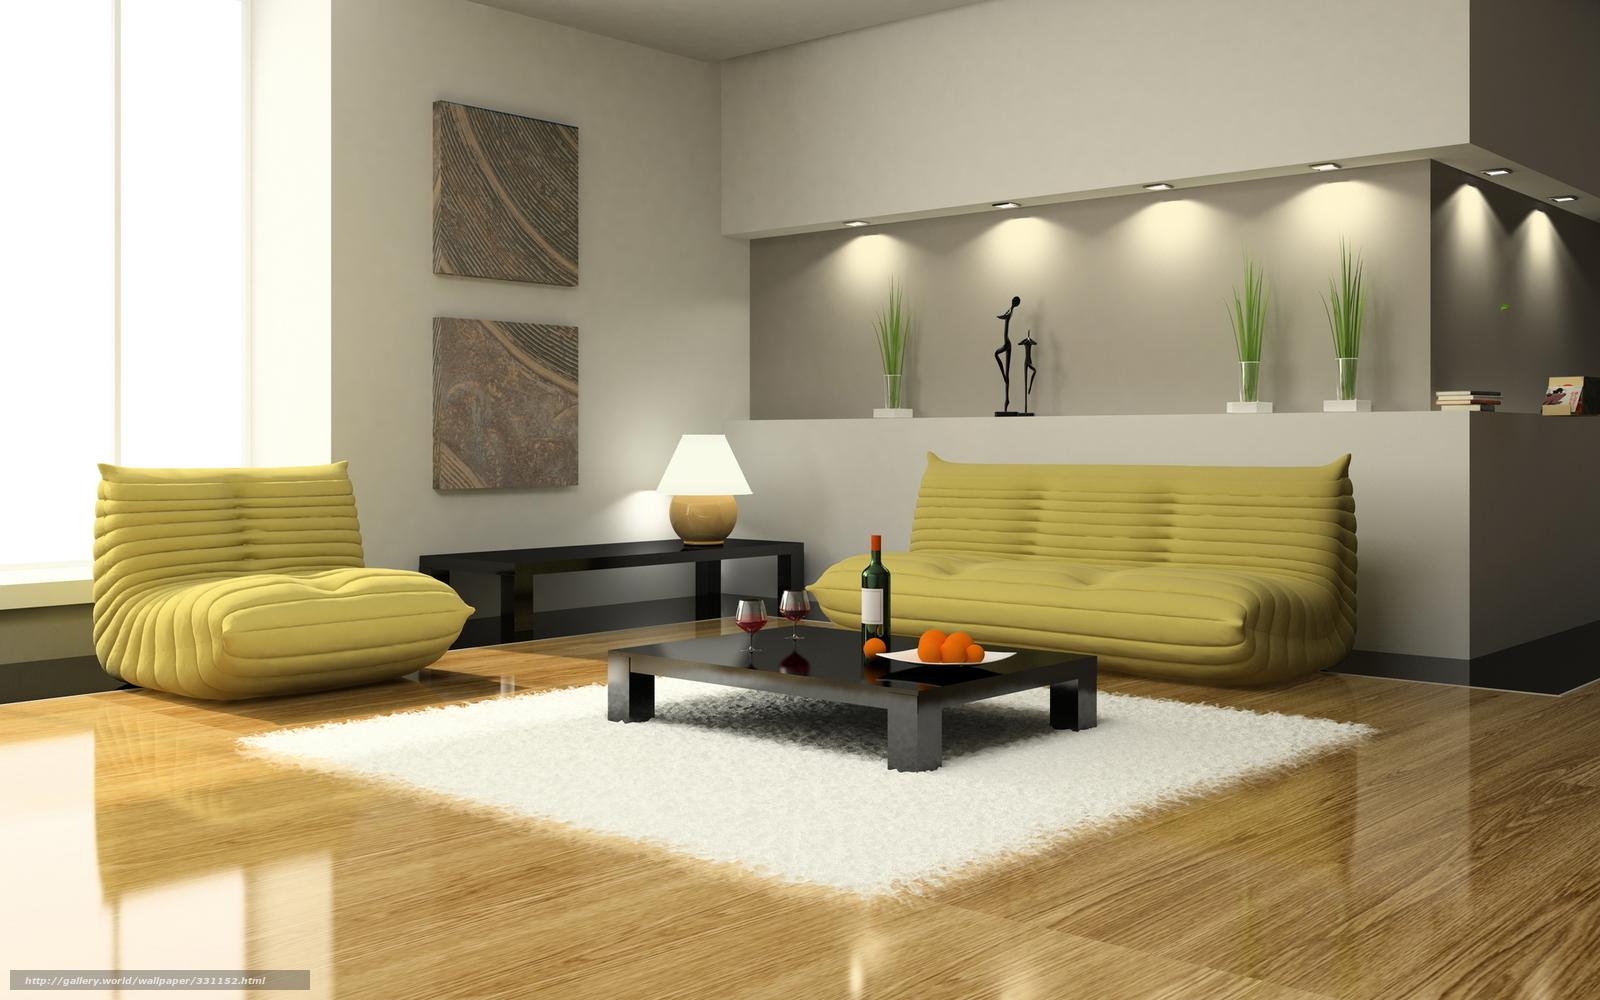 Wohnzimmer design tapeten – sehremini